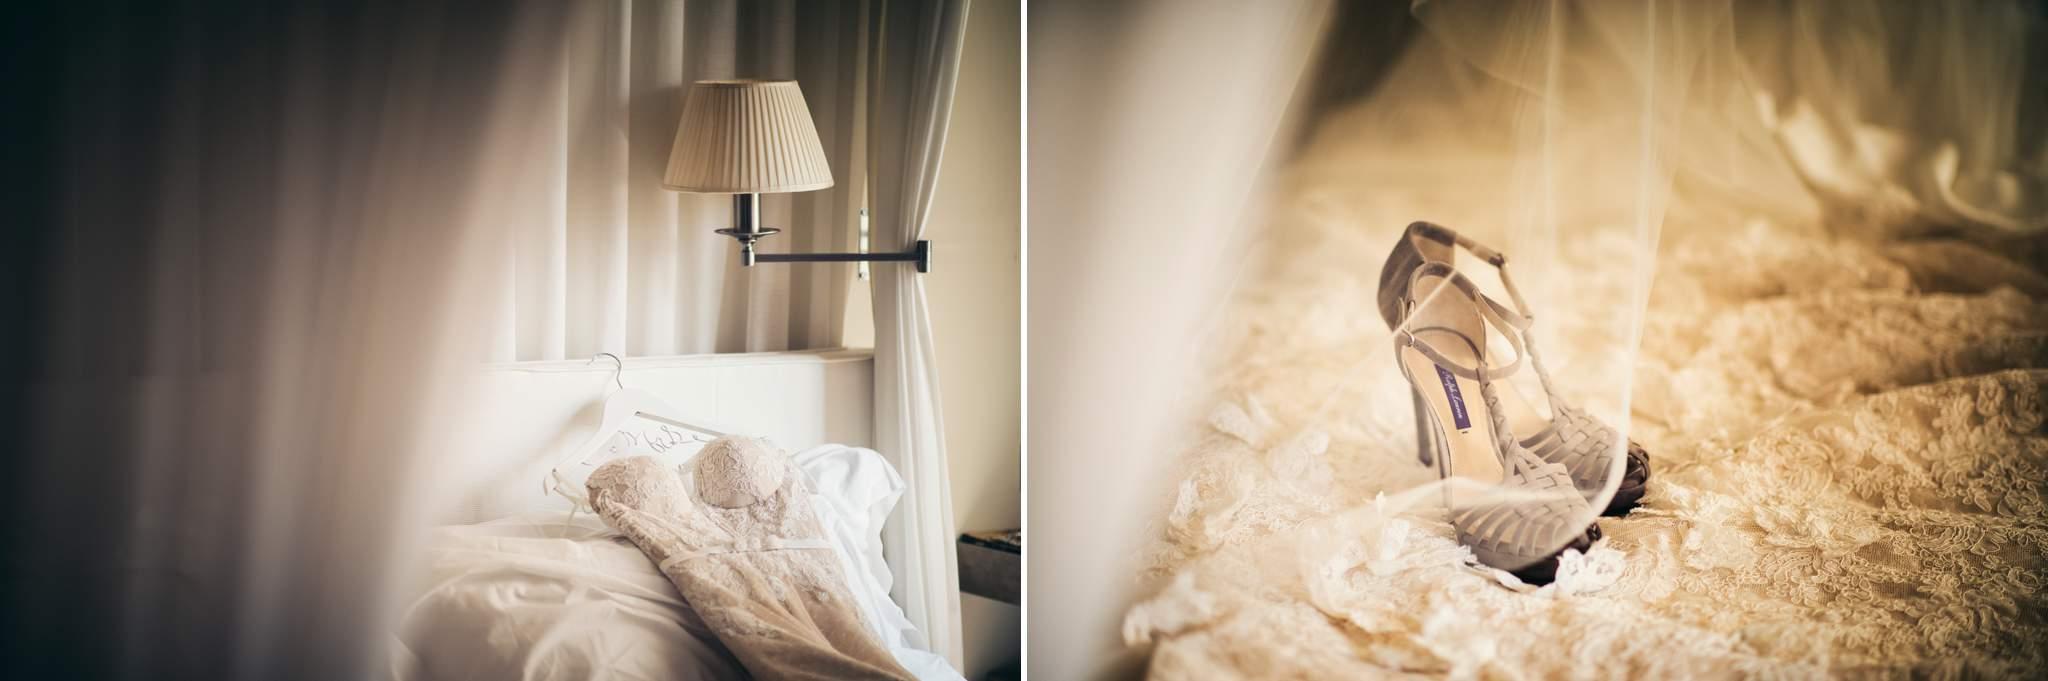 x02fotografo-matrimonio-castello-di-vincigliata.jpg.pagespeed.ic.fd7-Saonzp